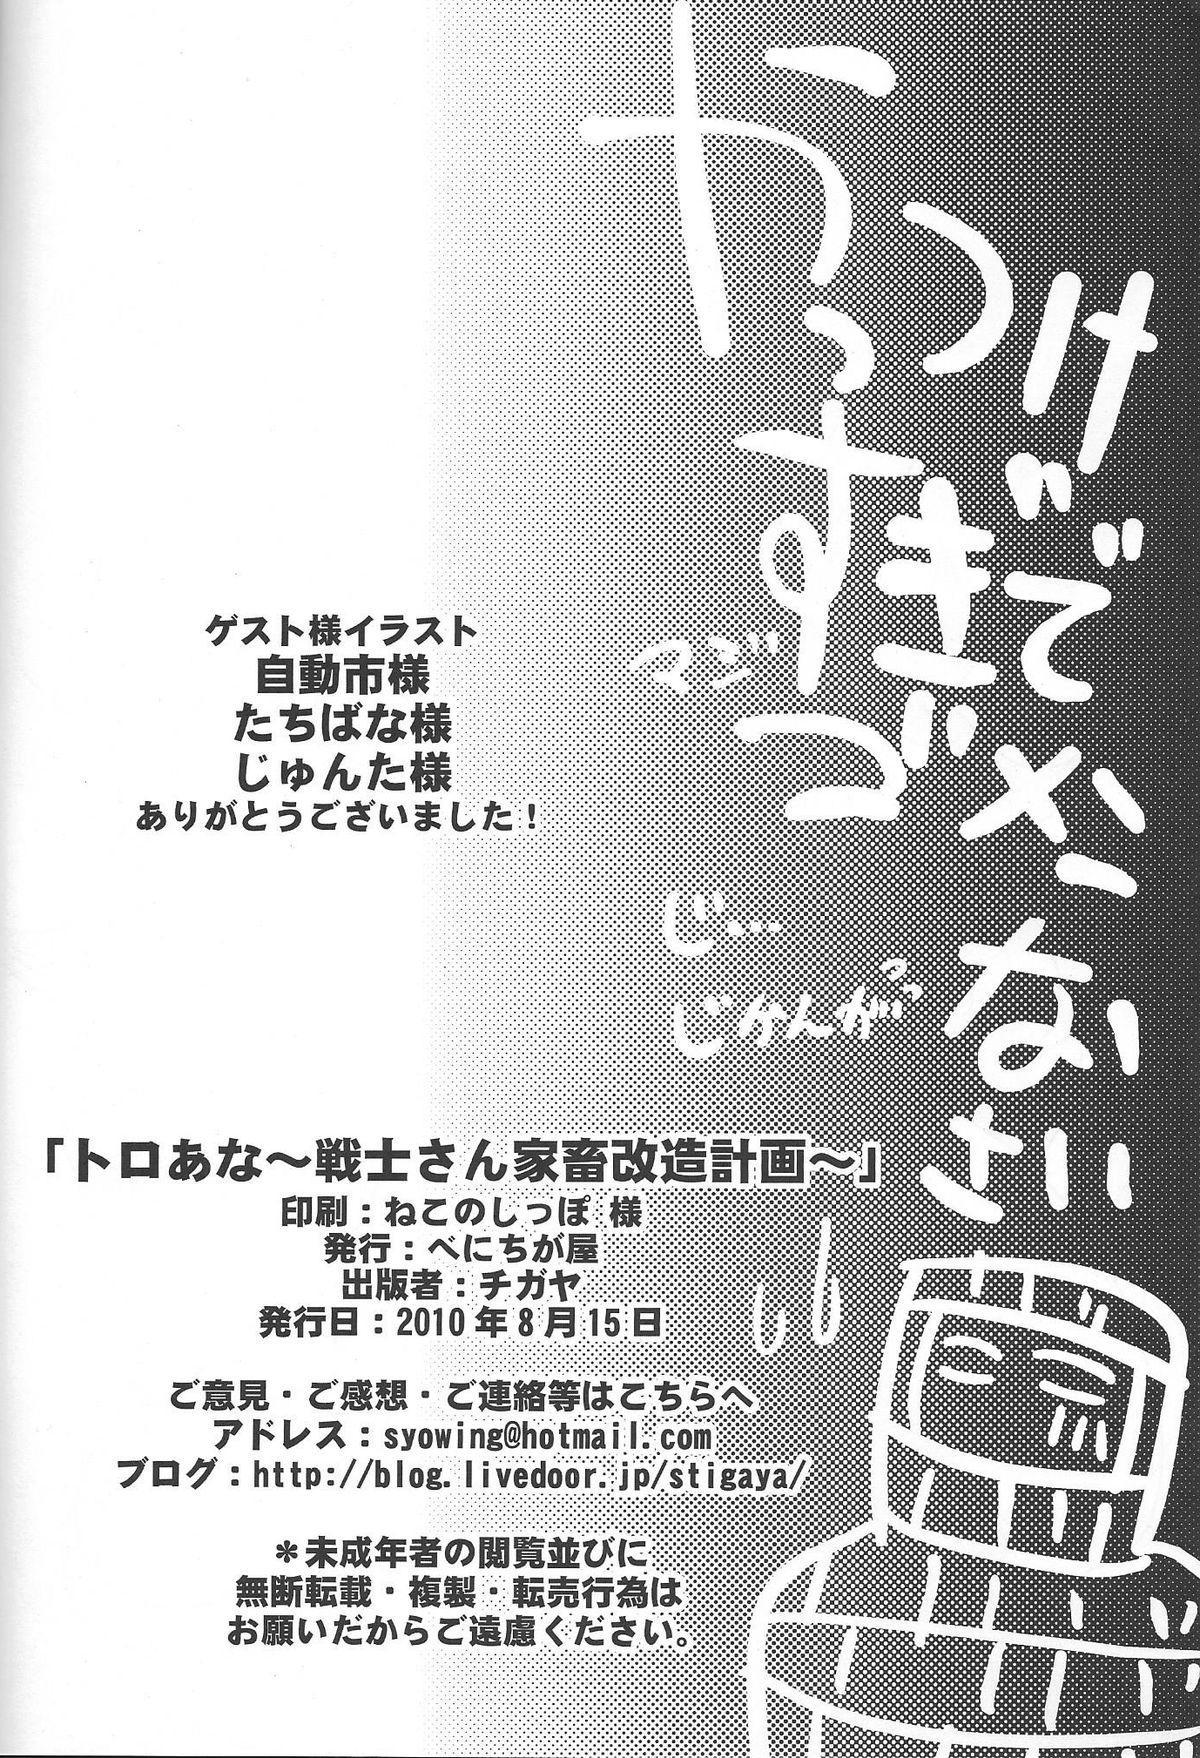 (C78) [Benichiga-ya (Stigaya)] Toro Ana - Senshi-san Kachiku Kaizou Keikaku 20